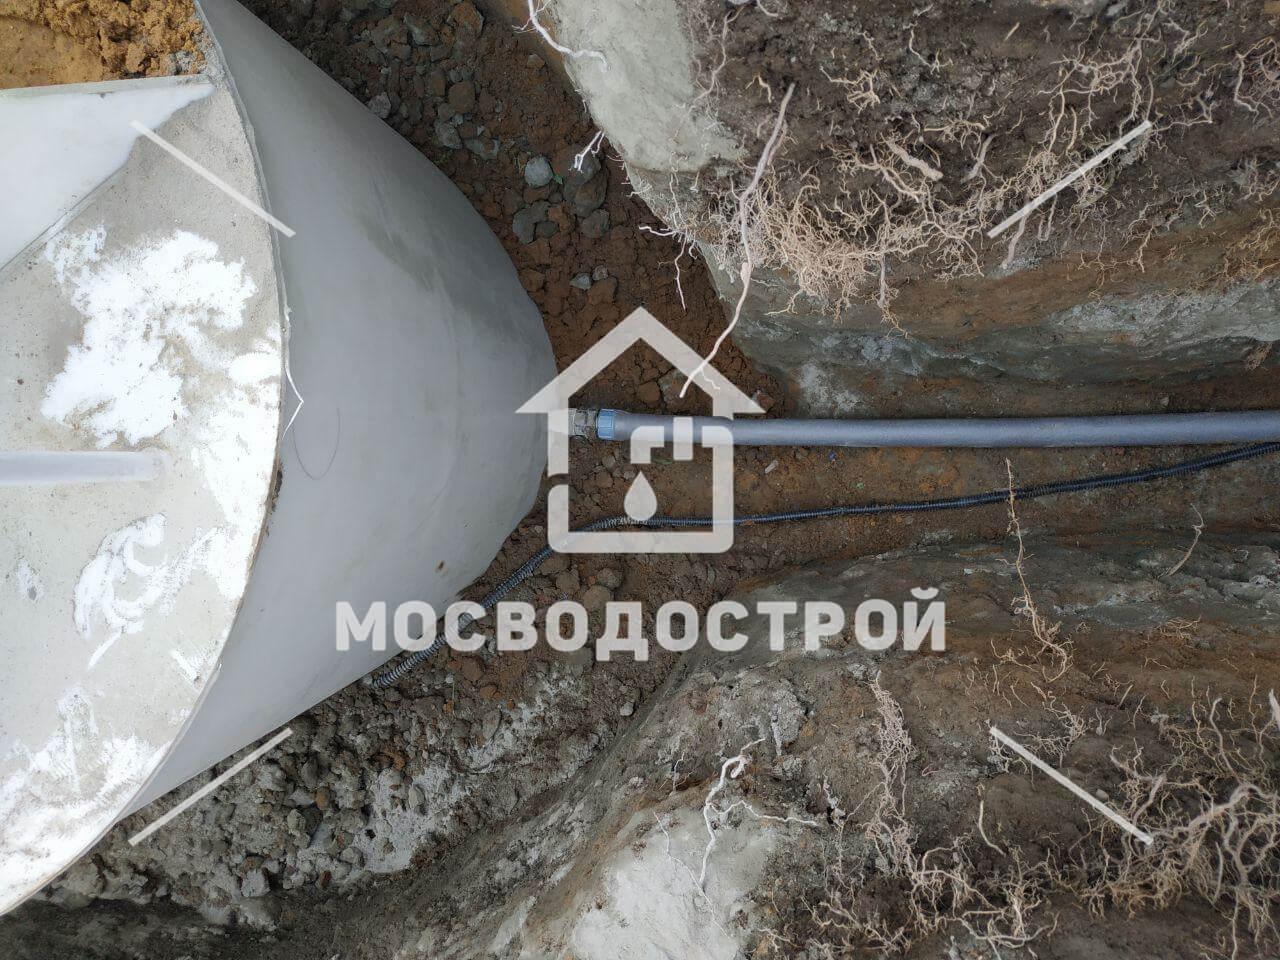 обустройство скважины в Московской области